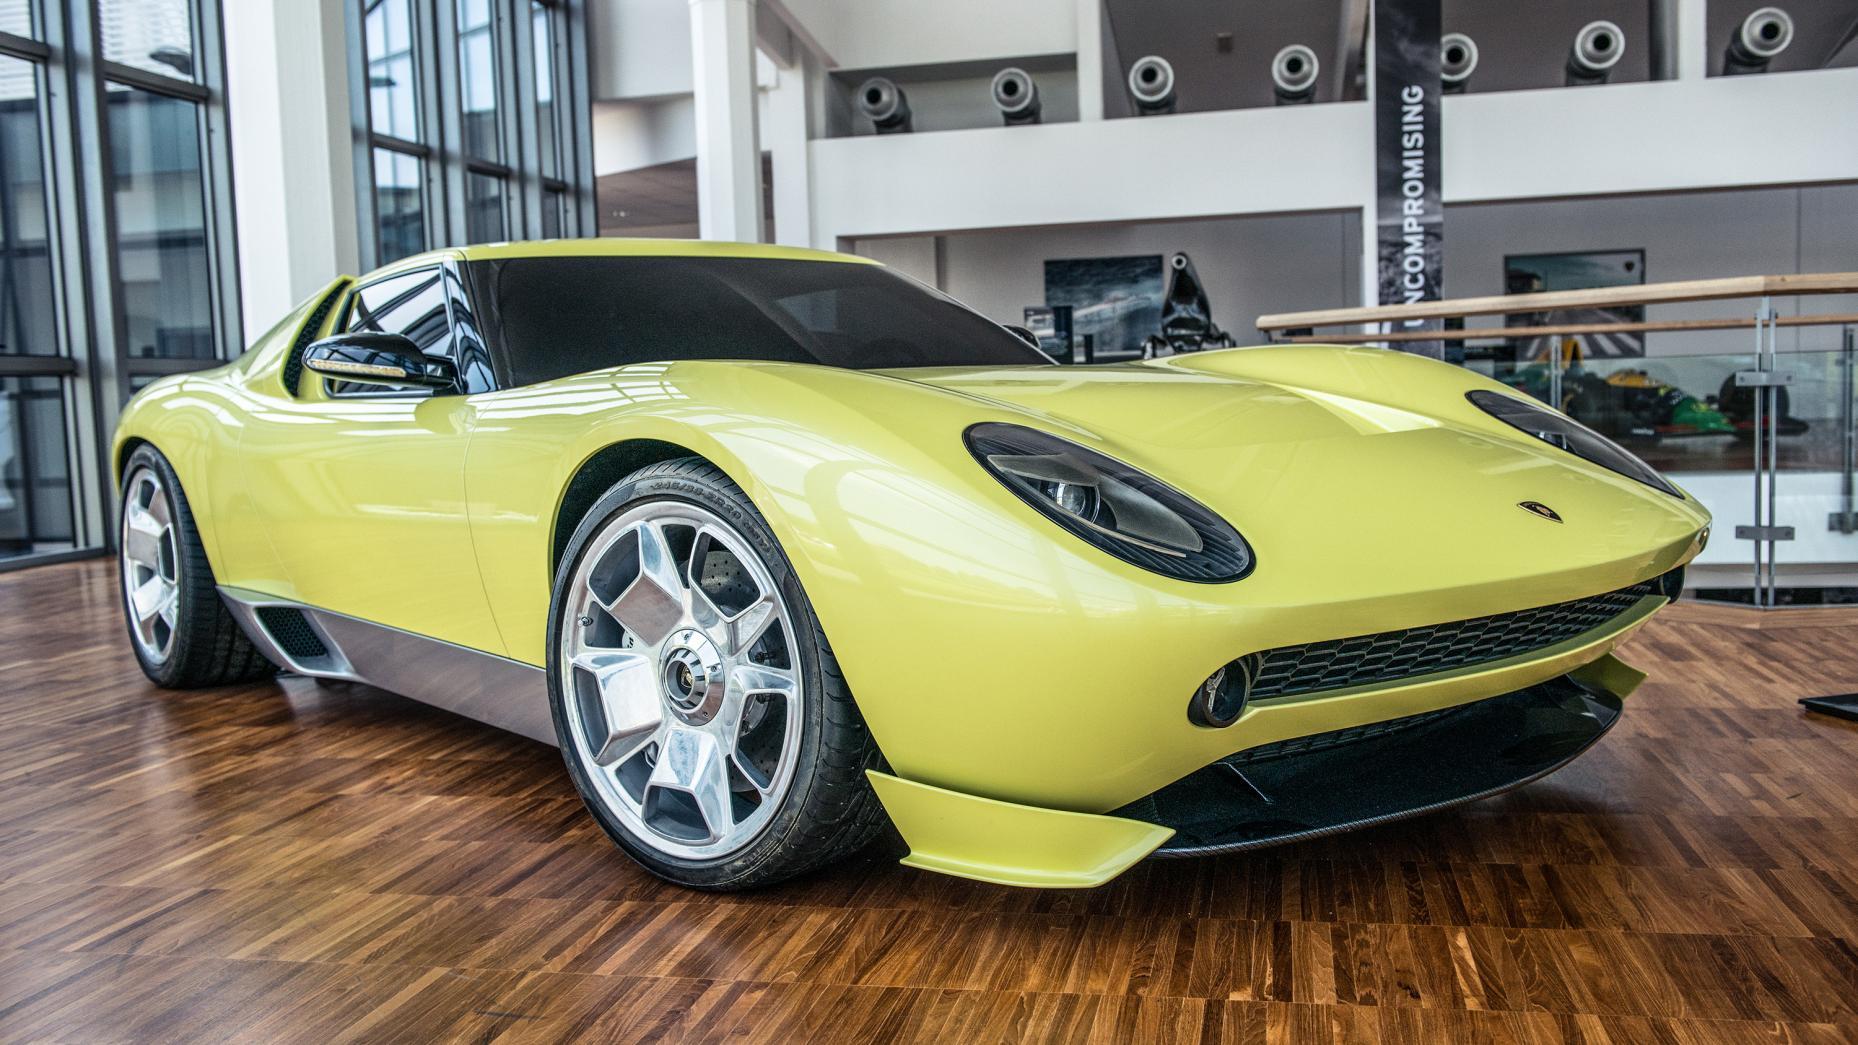 Cùng chiêm ngưỡng bảo tàng của siêu xe Lamborghini 16